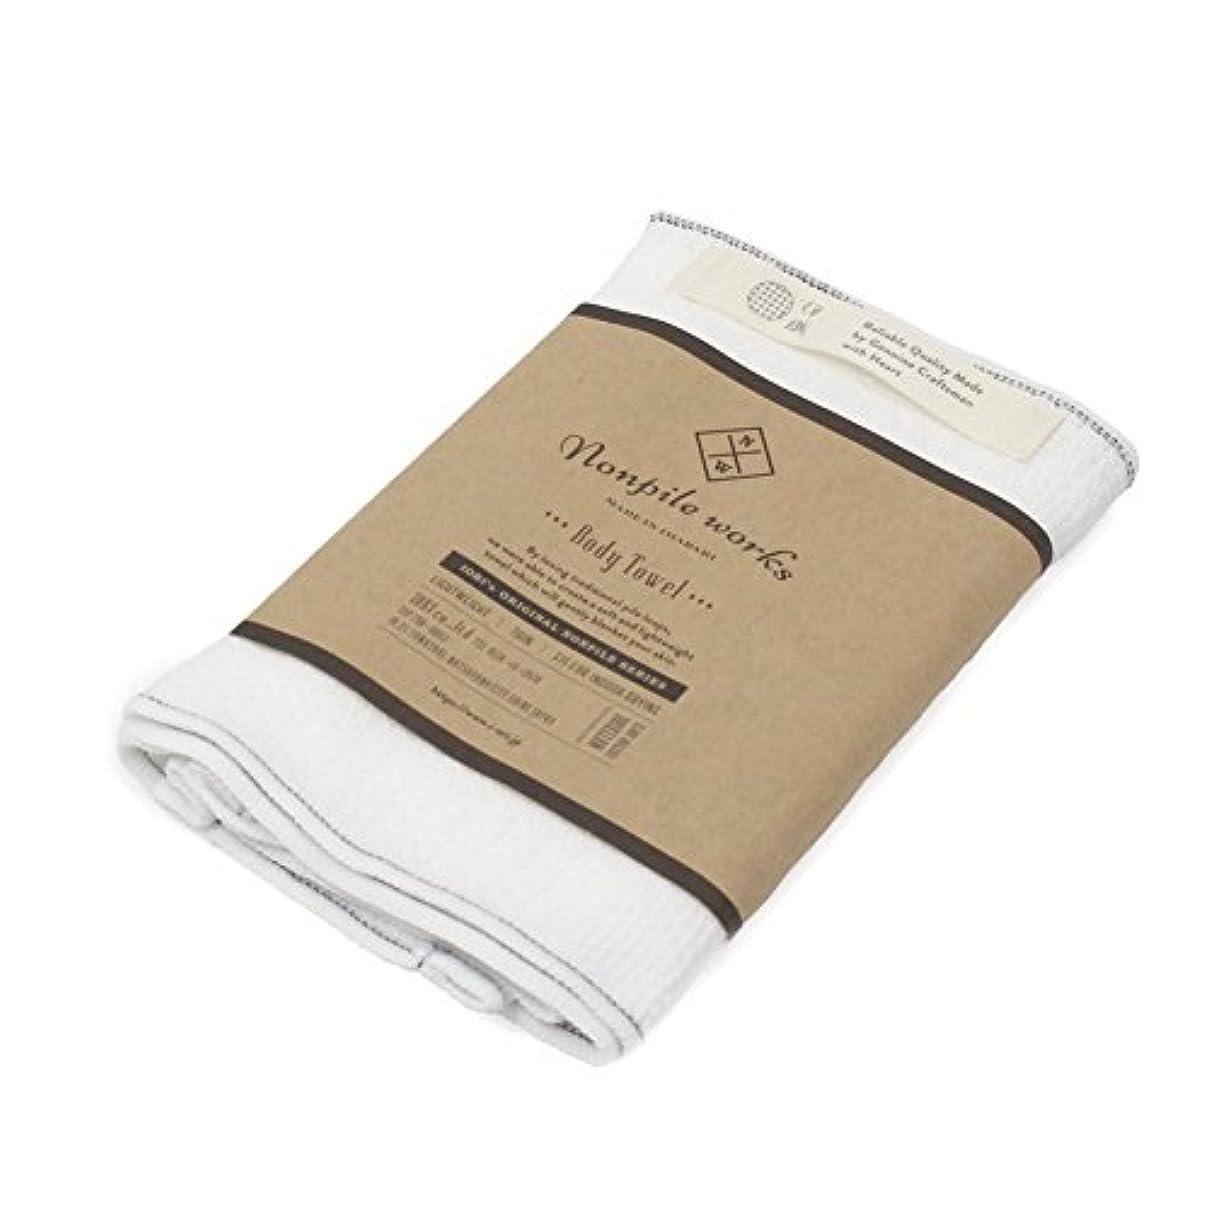 列挙する狼排他的今治産 ボディタオル 16x85cm nonpile works Body Towel 伊織 (ホワイト)